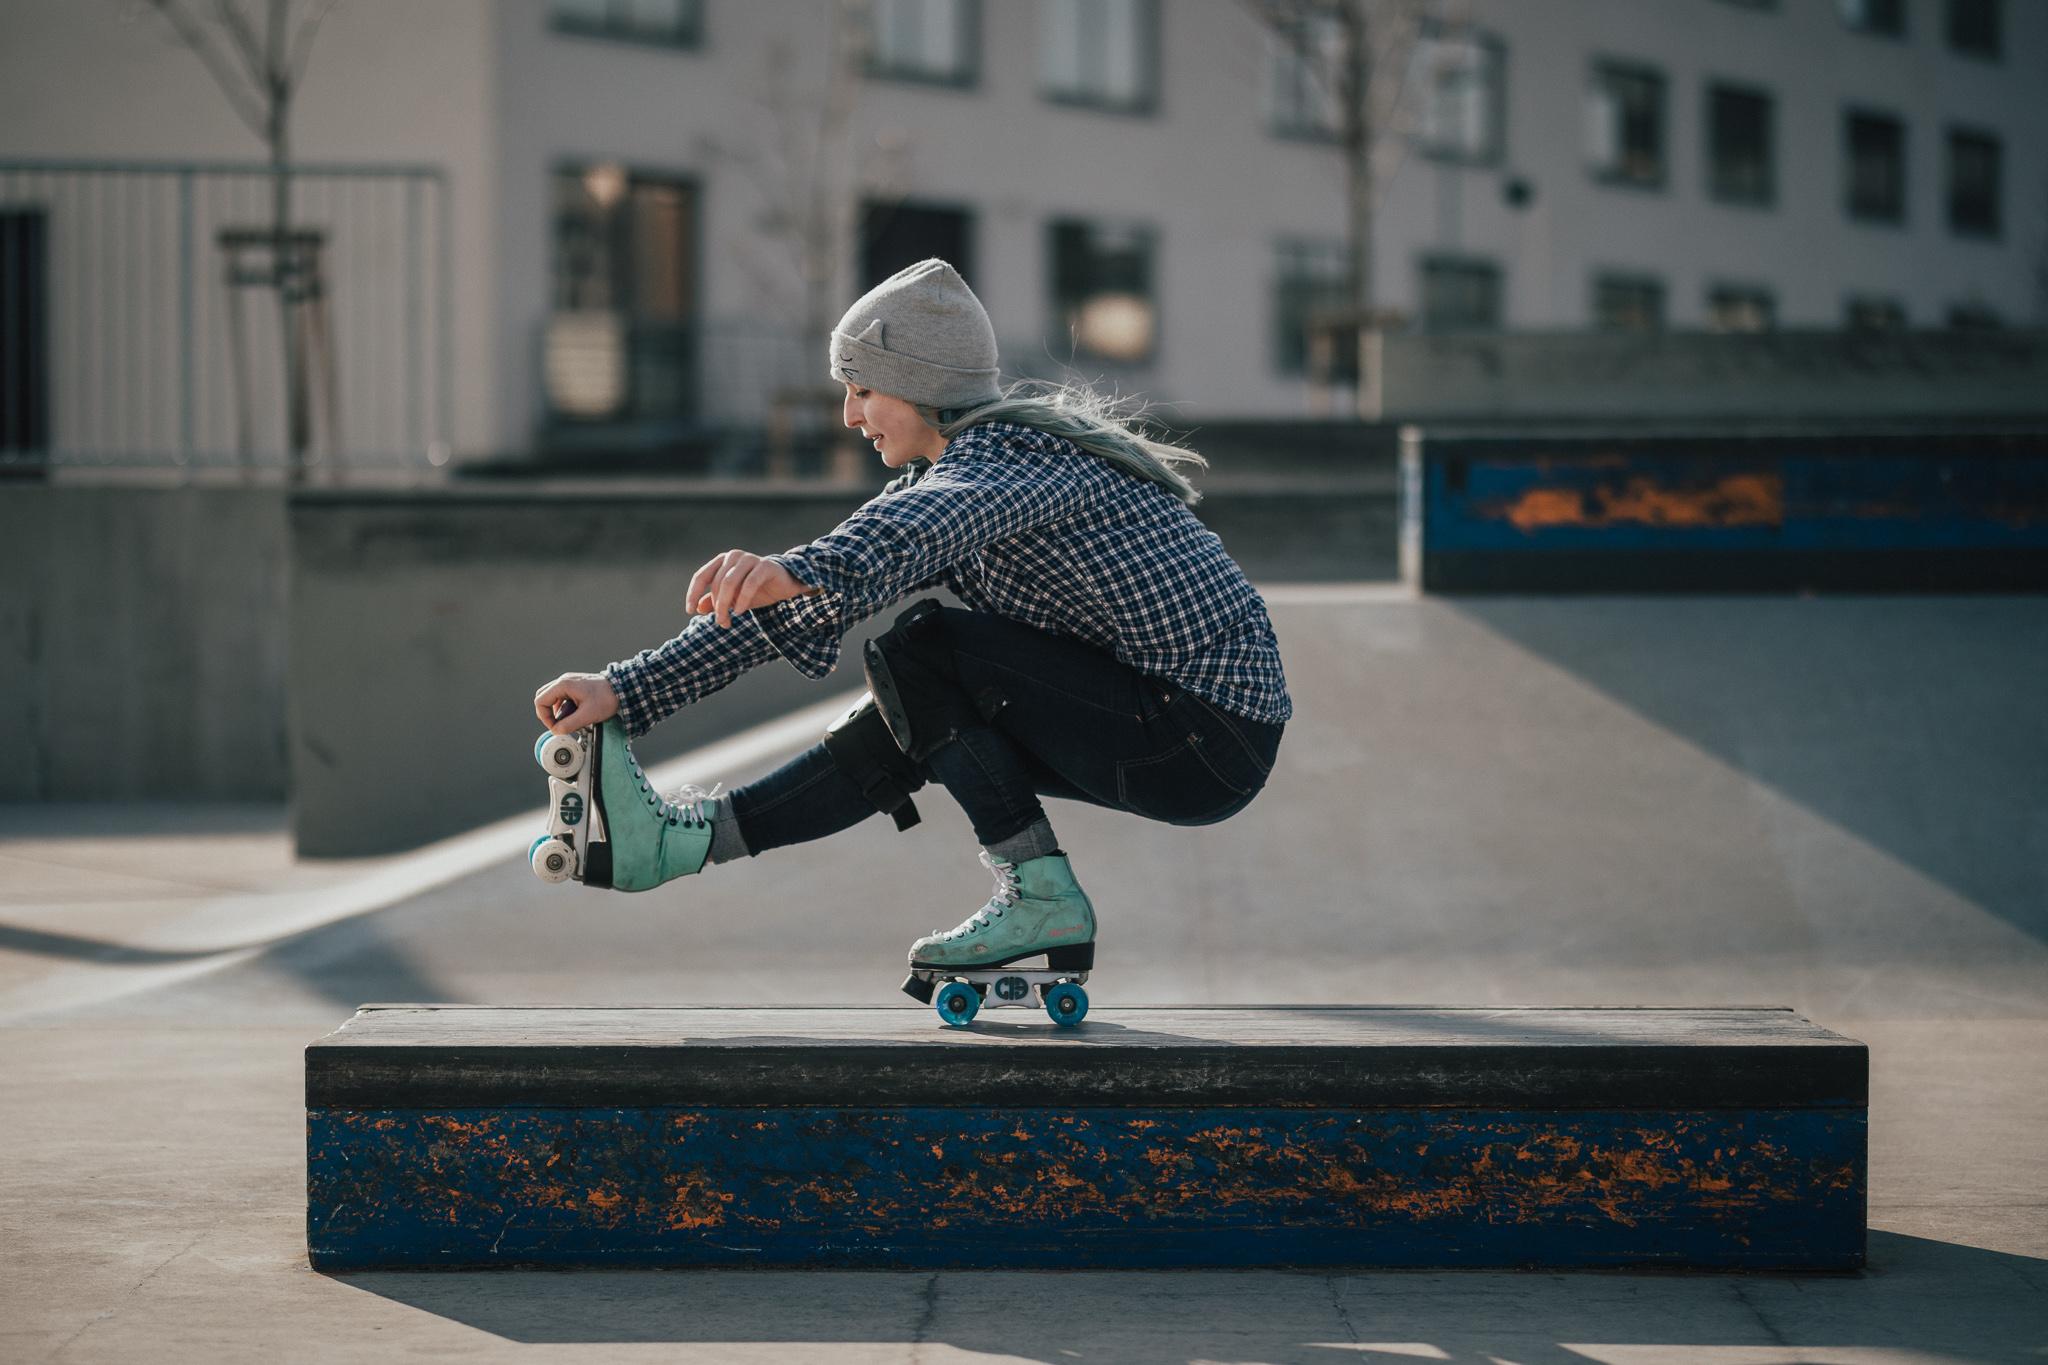 20180219_photo_ksaversinkar_skateparkNG_veronika-IMG_2531.jpg